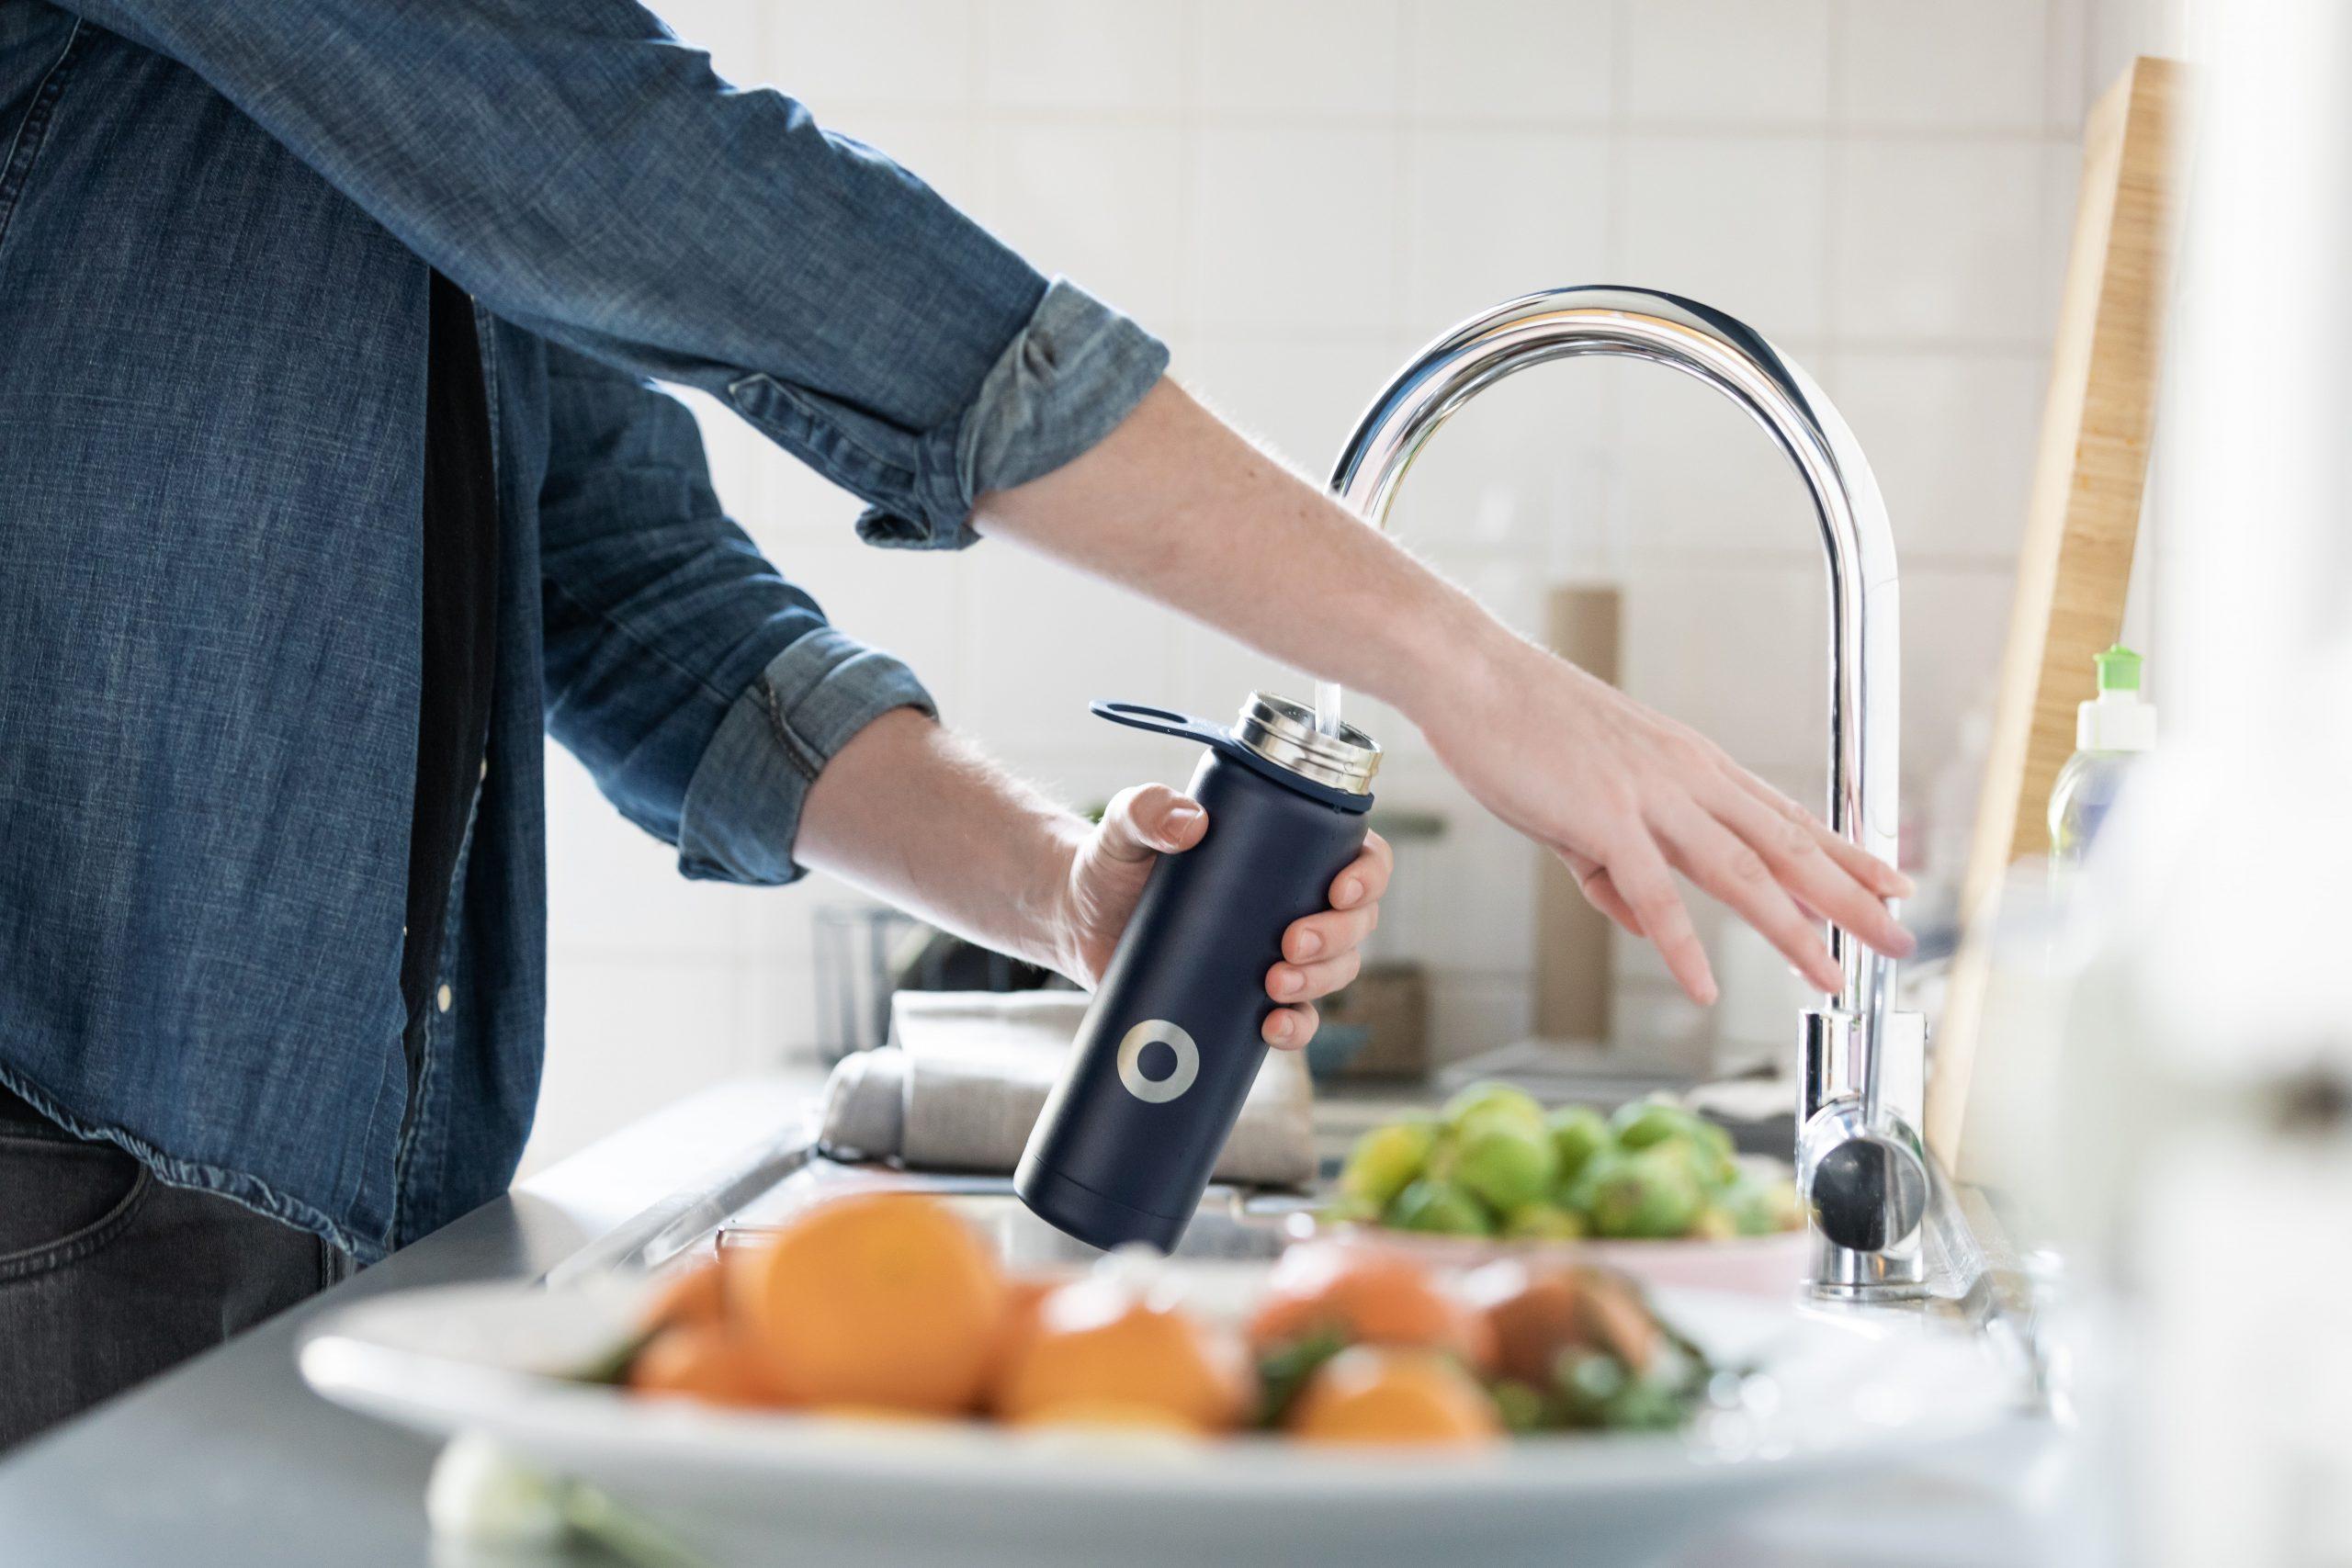 Pessoa pegando água da torneira.